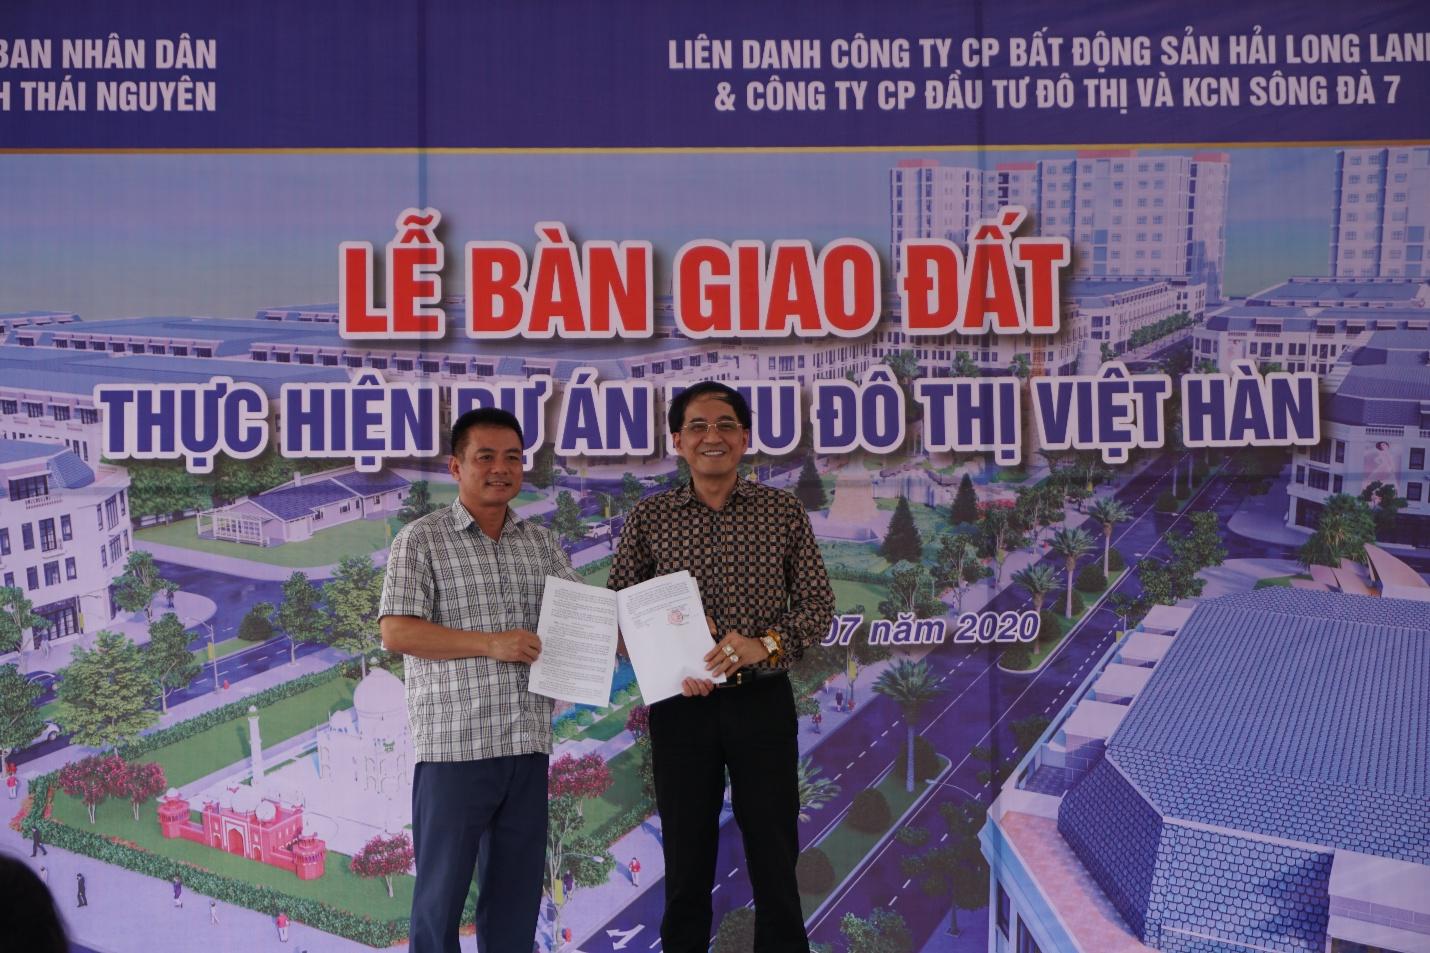 Chủ đầu tư khu đô thị Việt Hàn, Phổ Yên chính thức nhận quyết định bàn giao đất  - Ảnh 1